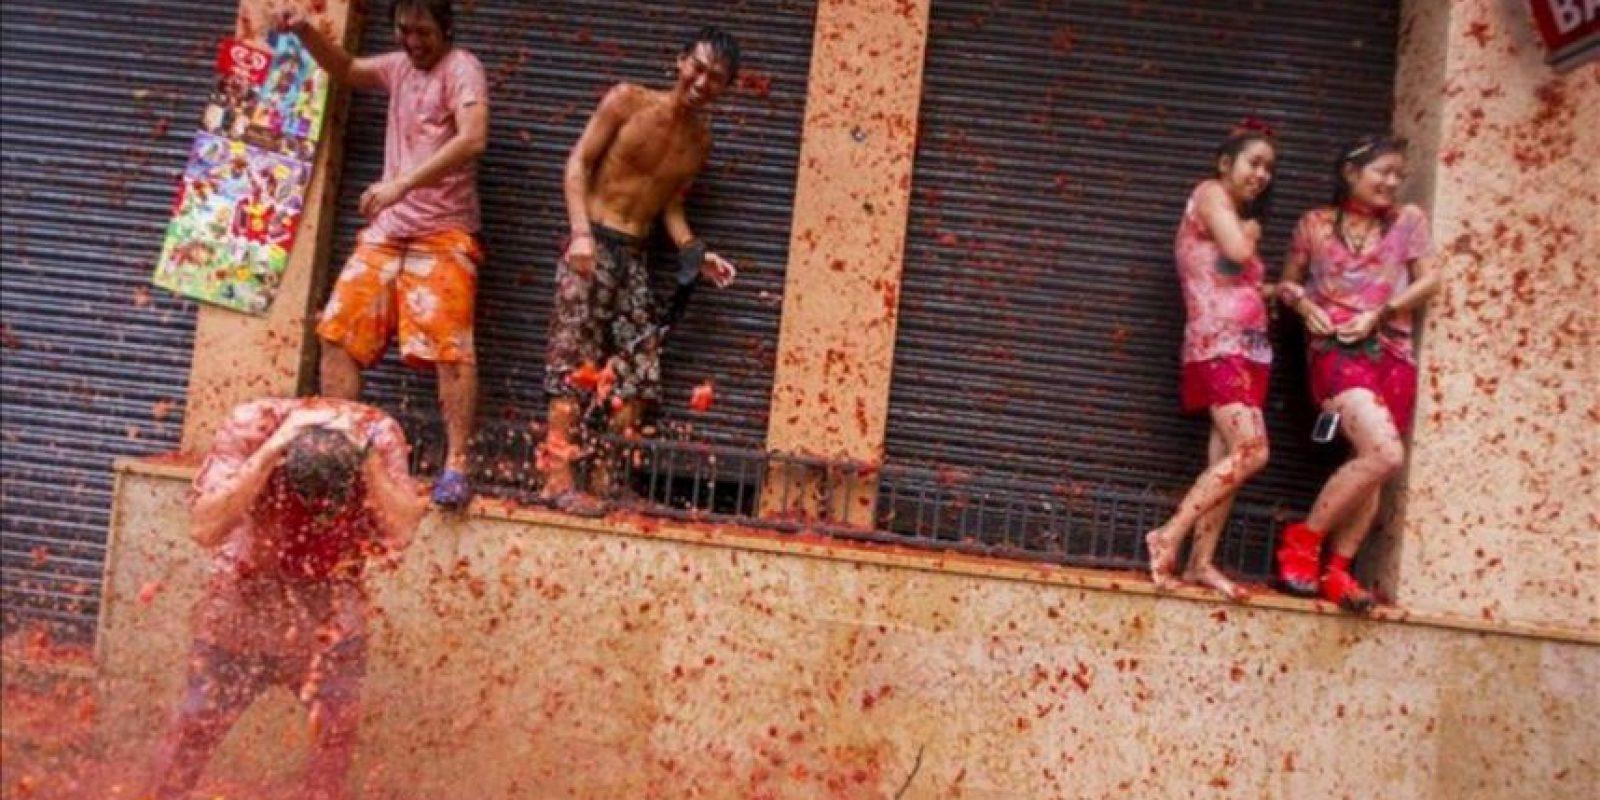 Una persona participa en la fiesta de la Tomatina, una guerra a tomatazos en la que se lanzan durante una hora toneladas de tomate por las calles de la pequeña localidad valenciana de Buñol. EFE